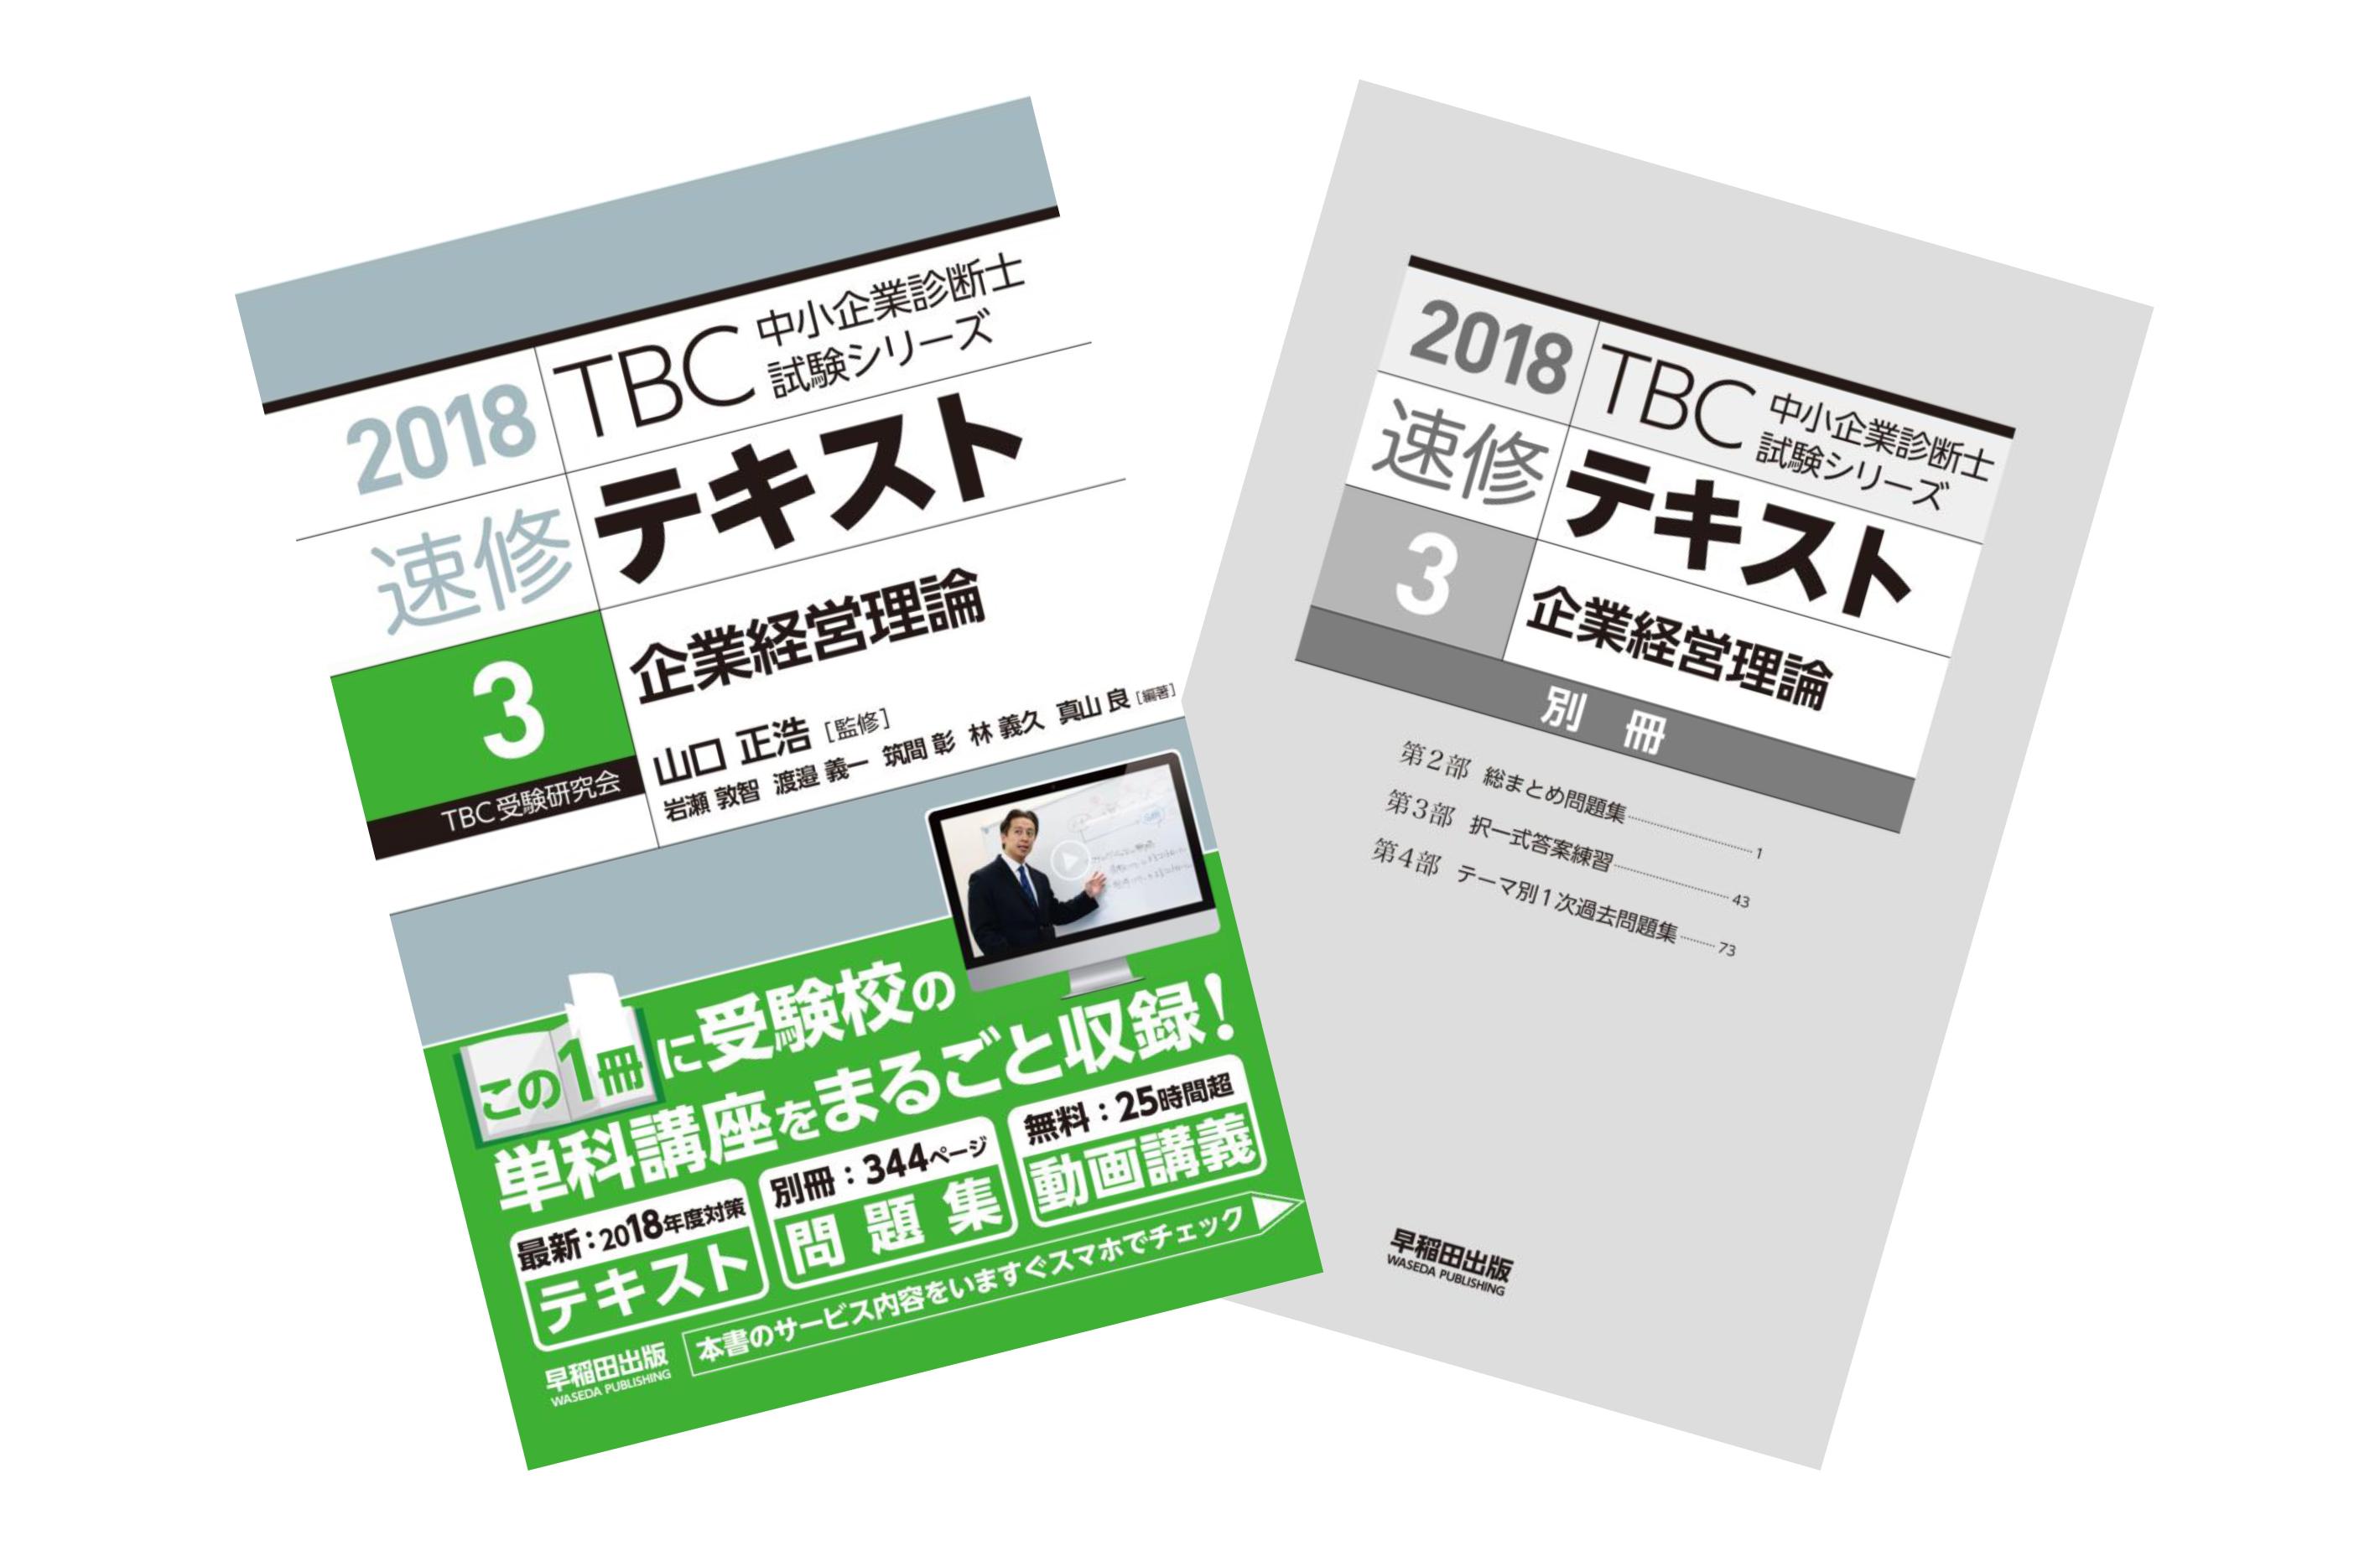 中小企業診断士速修テキスト 本冊と別冊